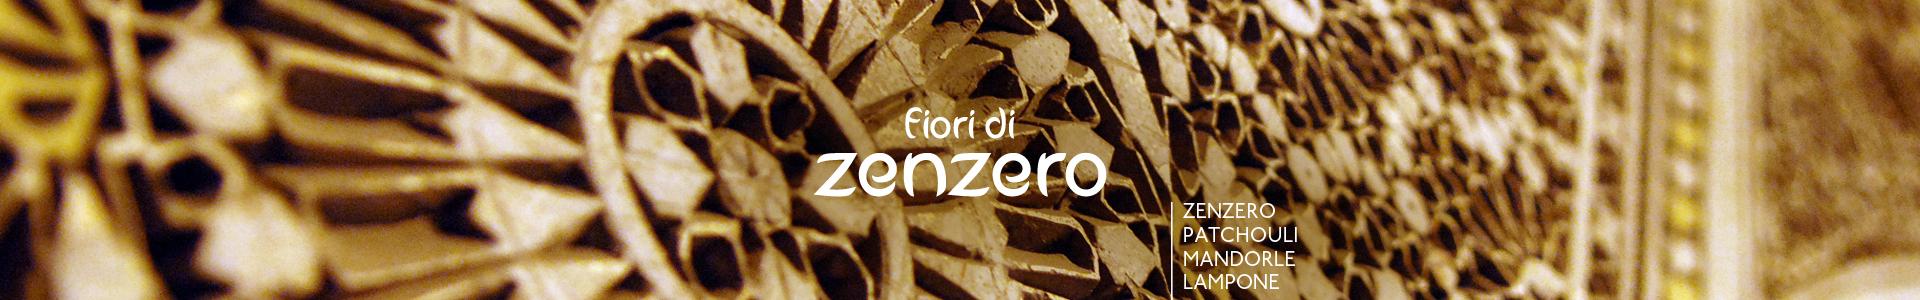 Fiori di Zenzero